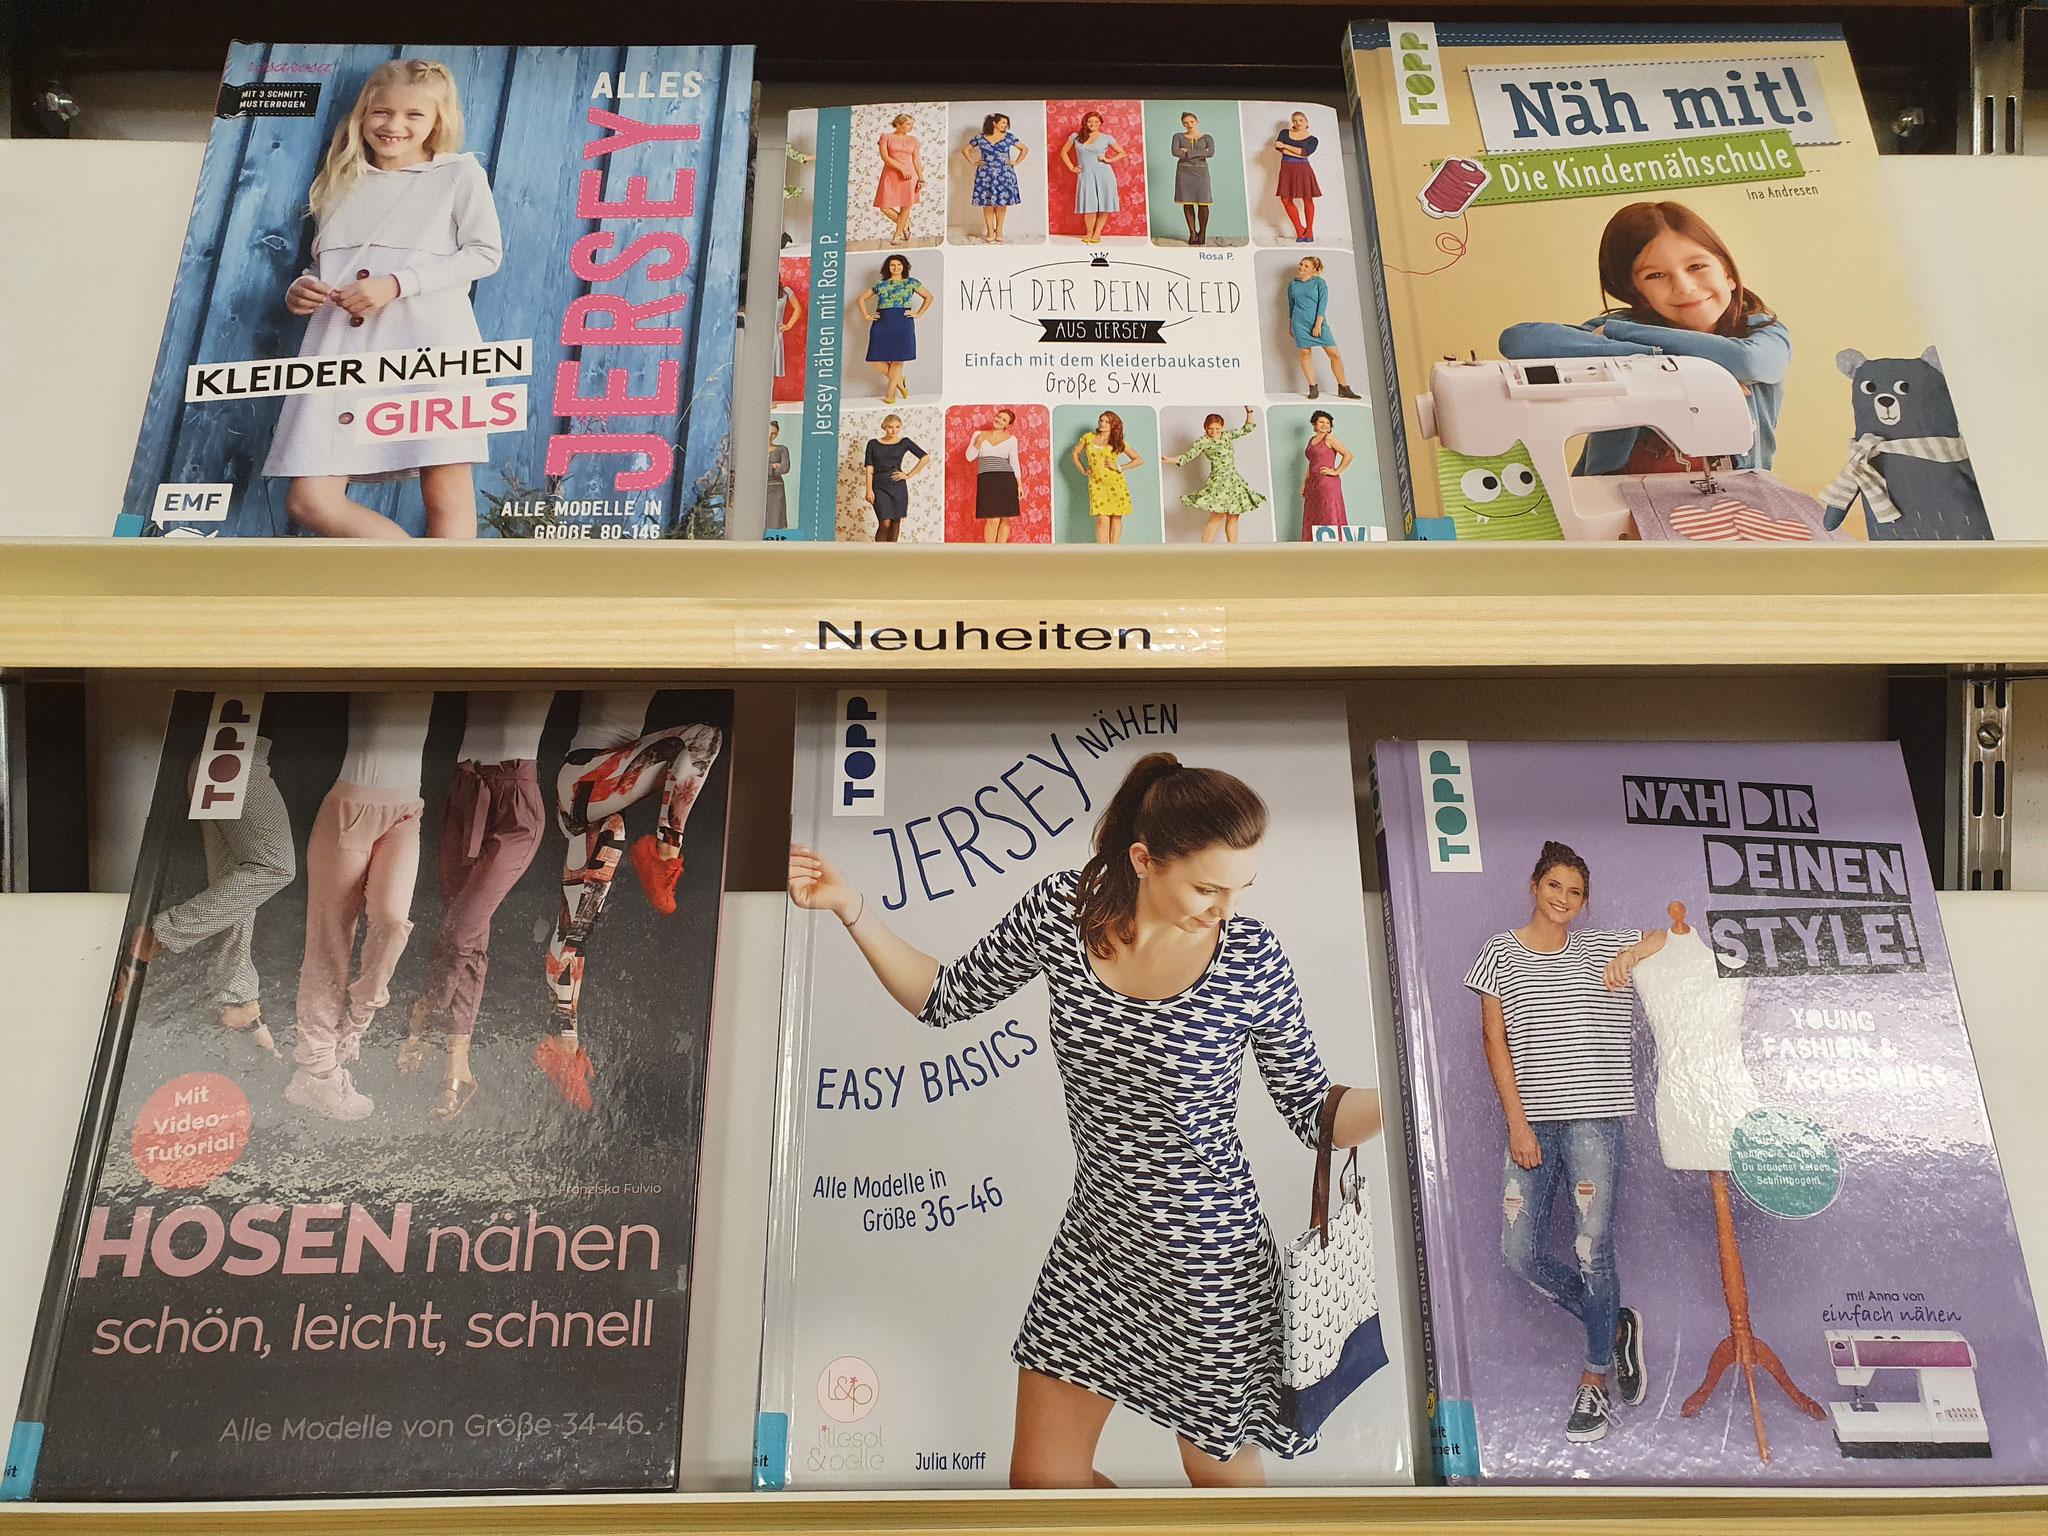 Neue Nähbücher